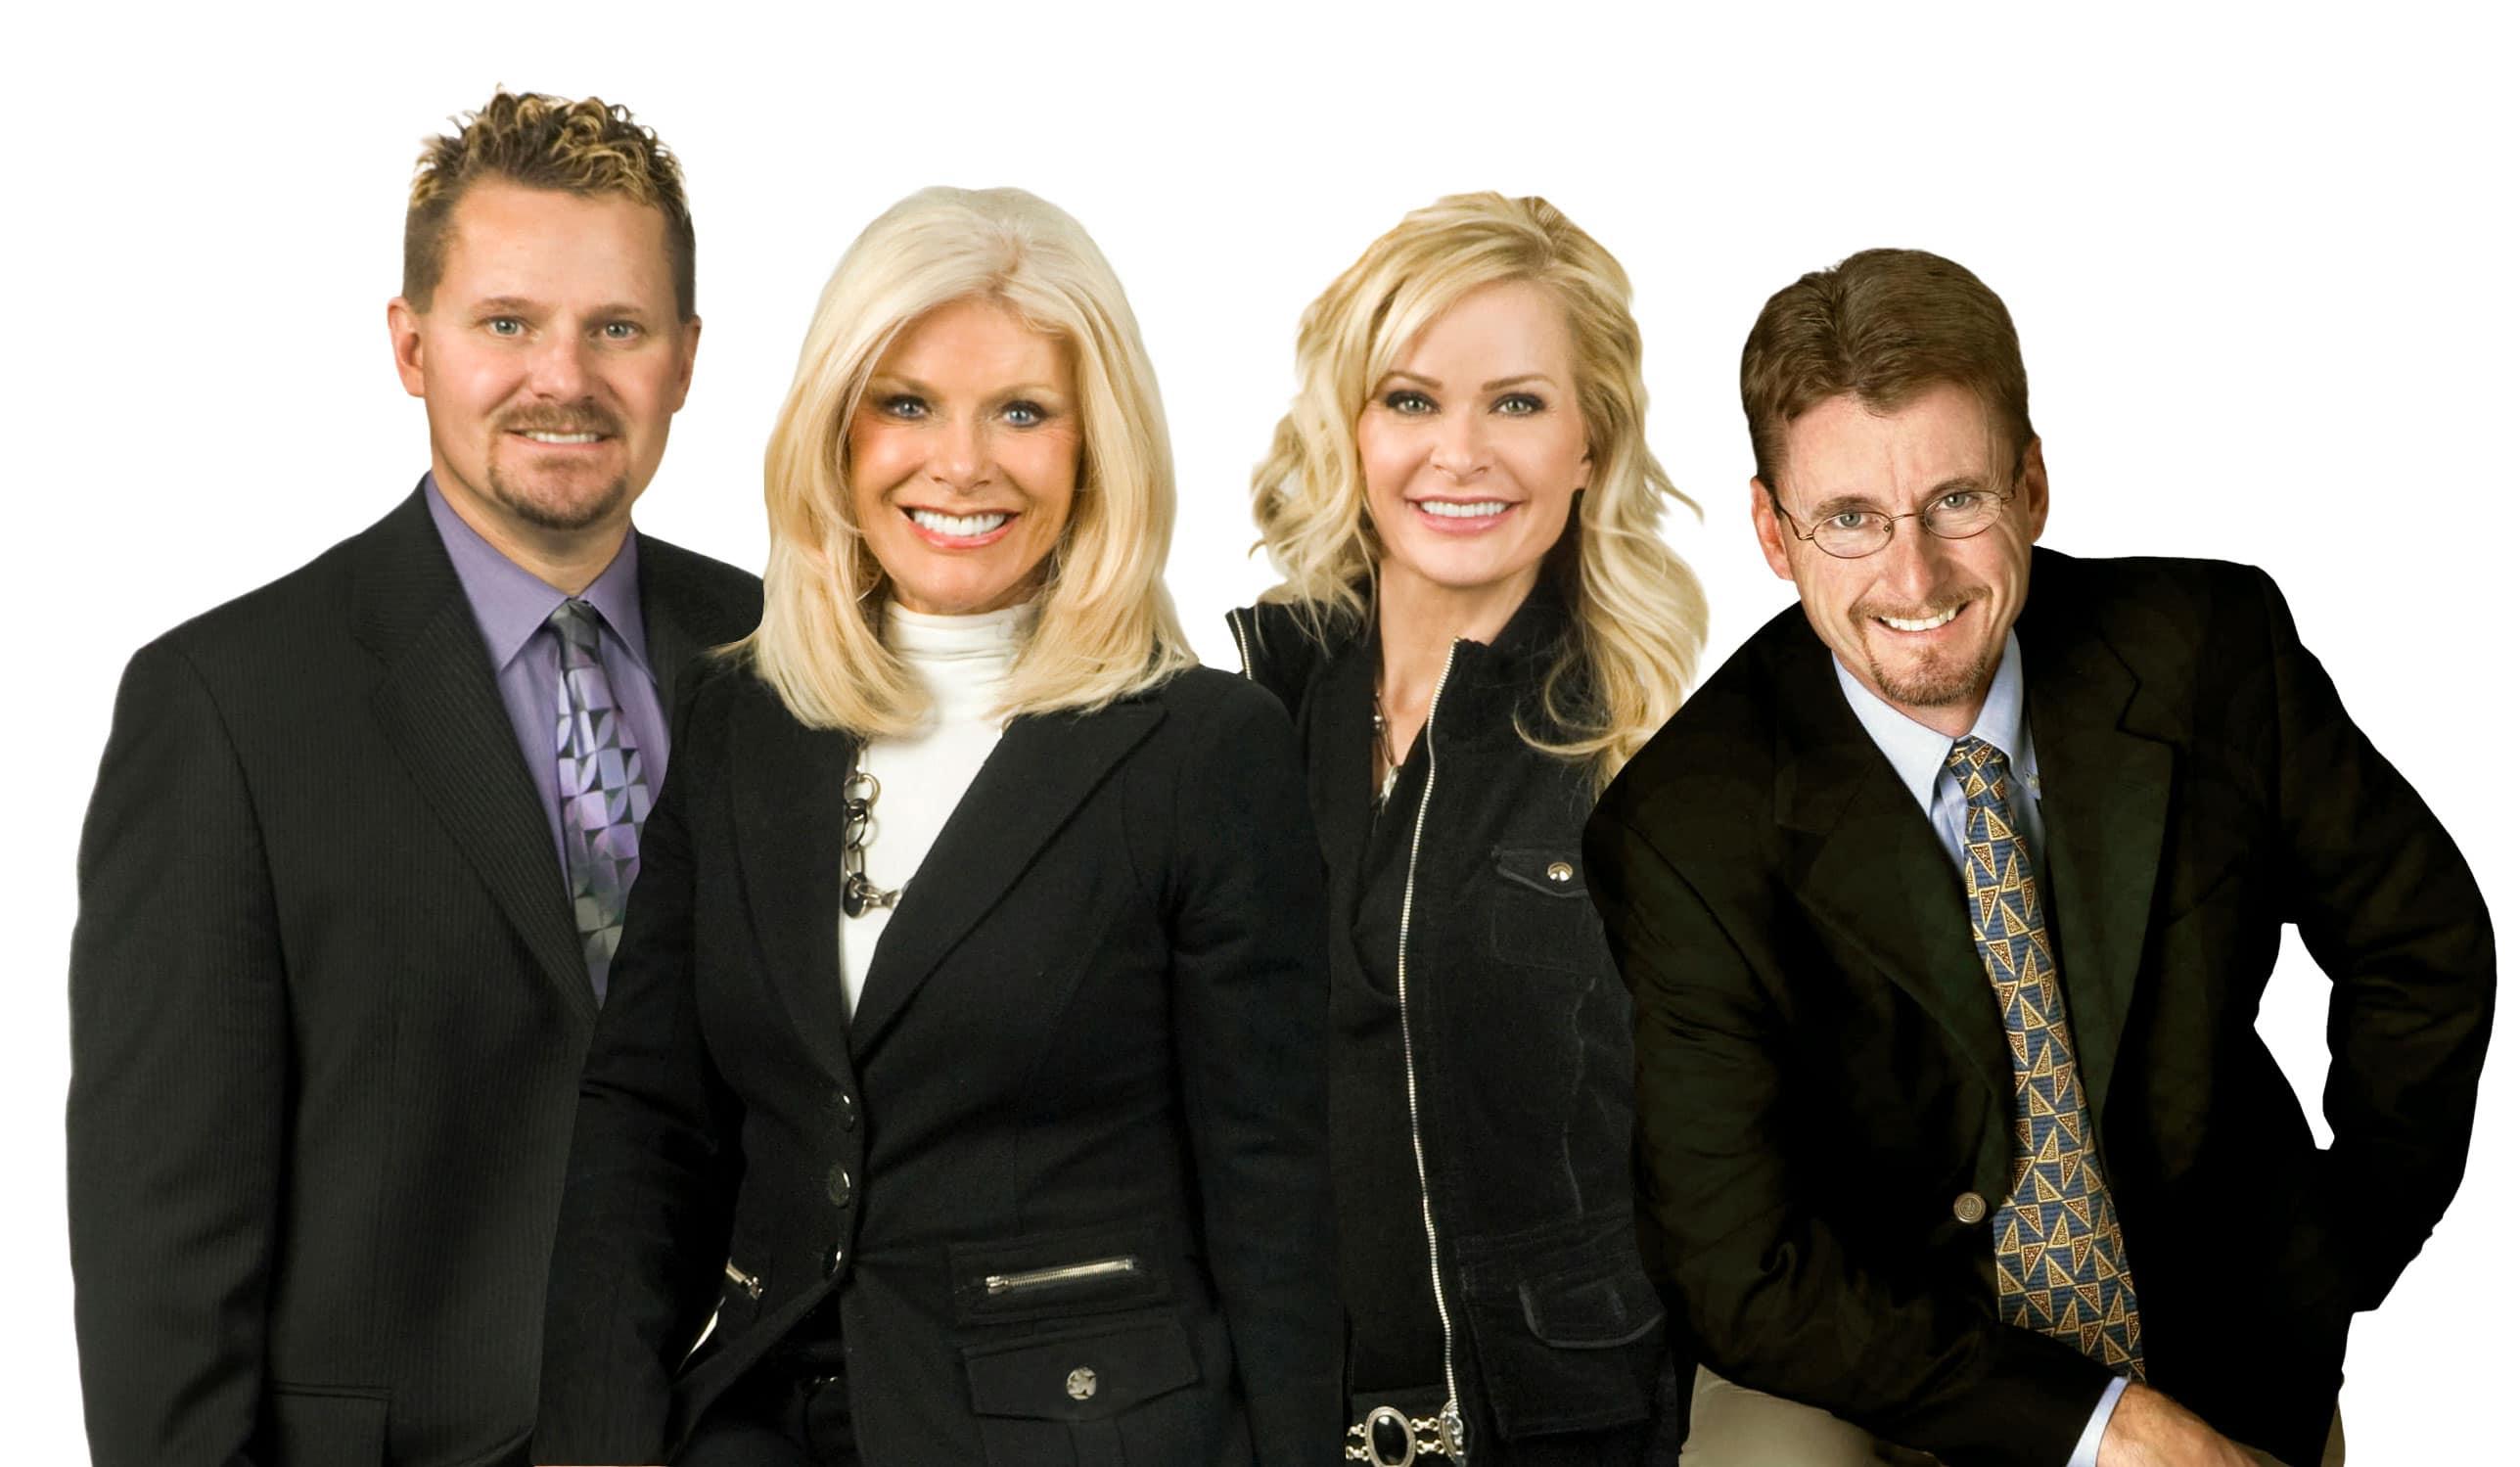 Linda Secrist Team